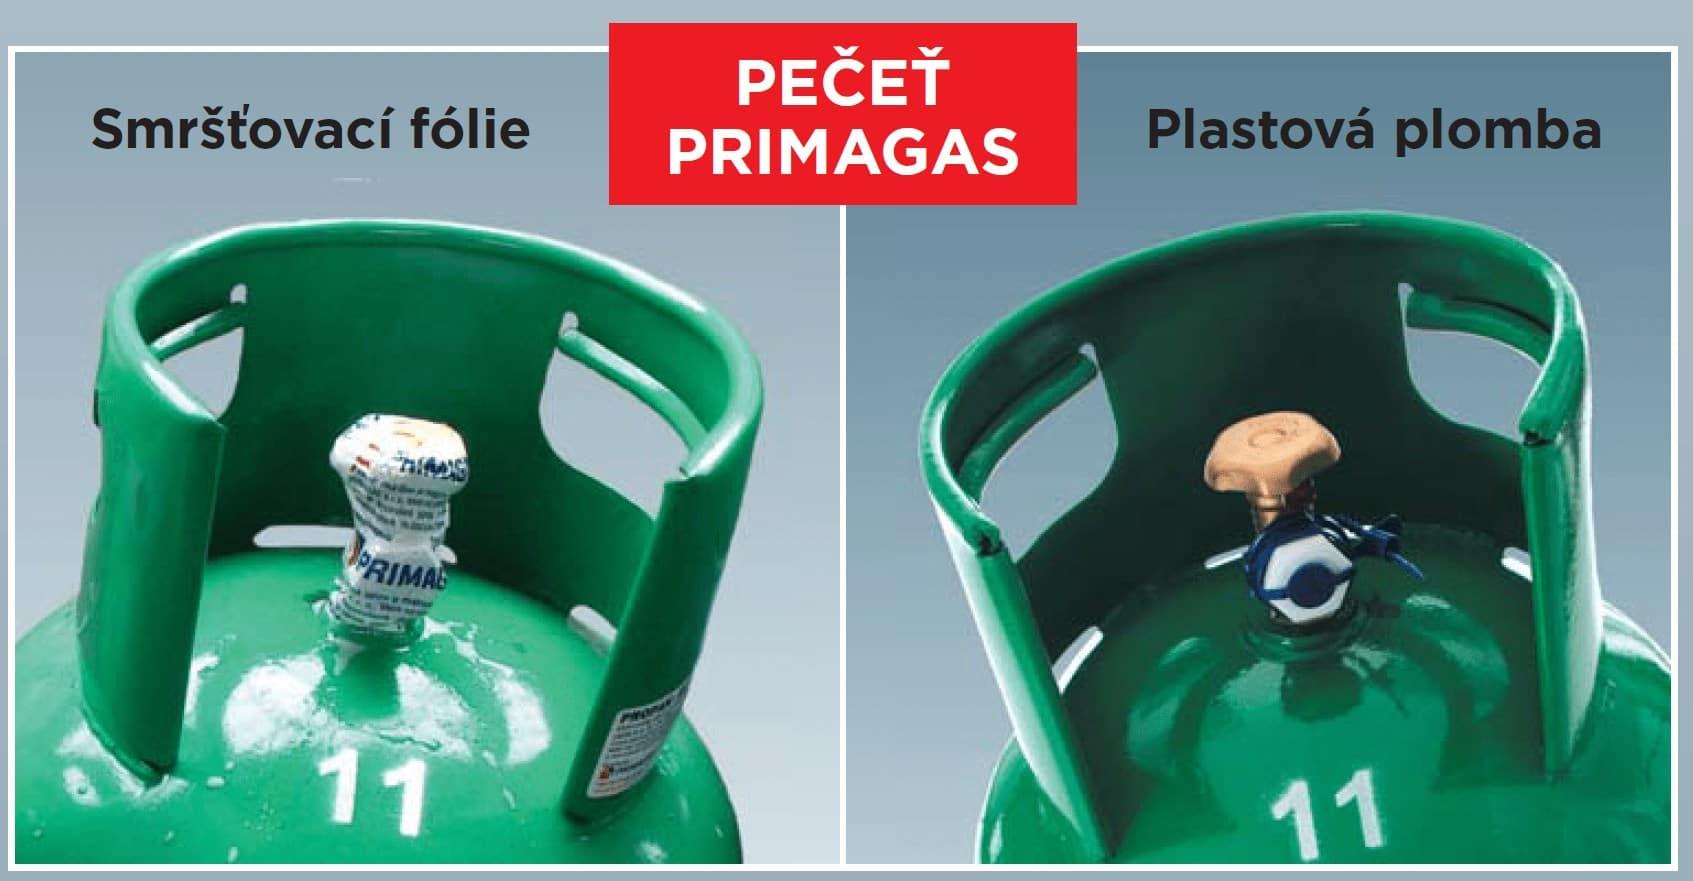 označování láhví PRIMAGAS